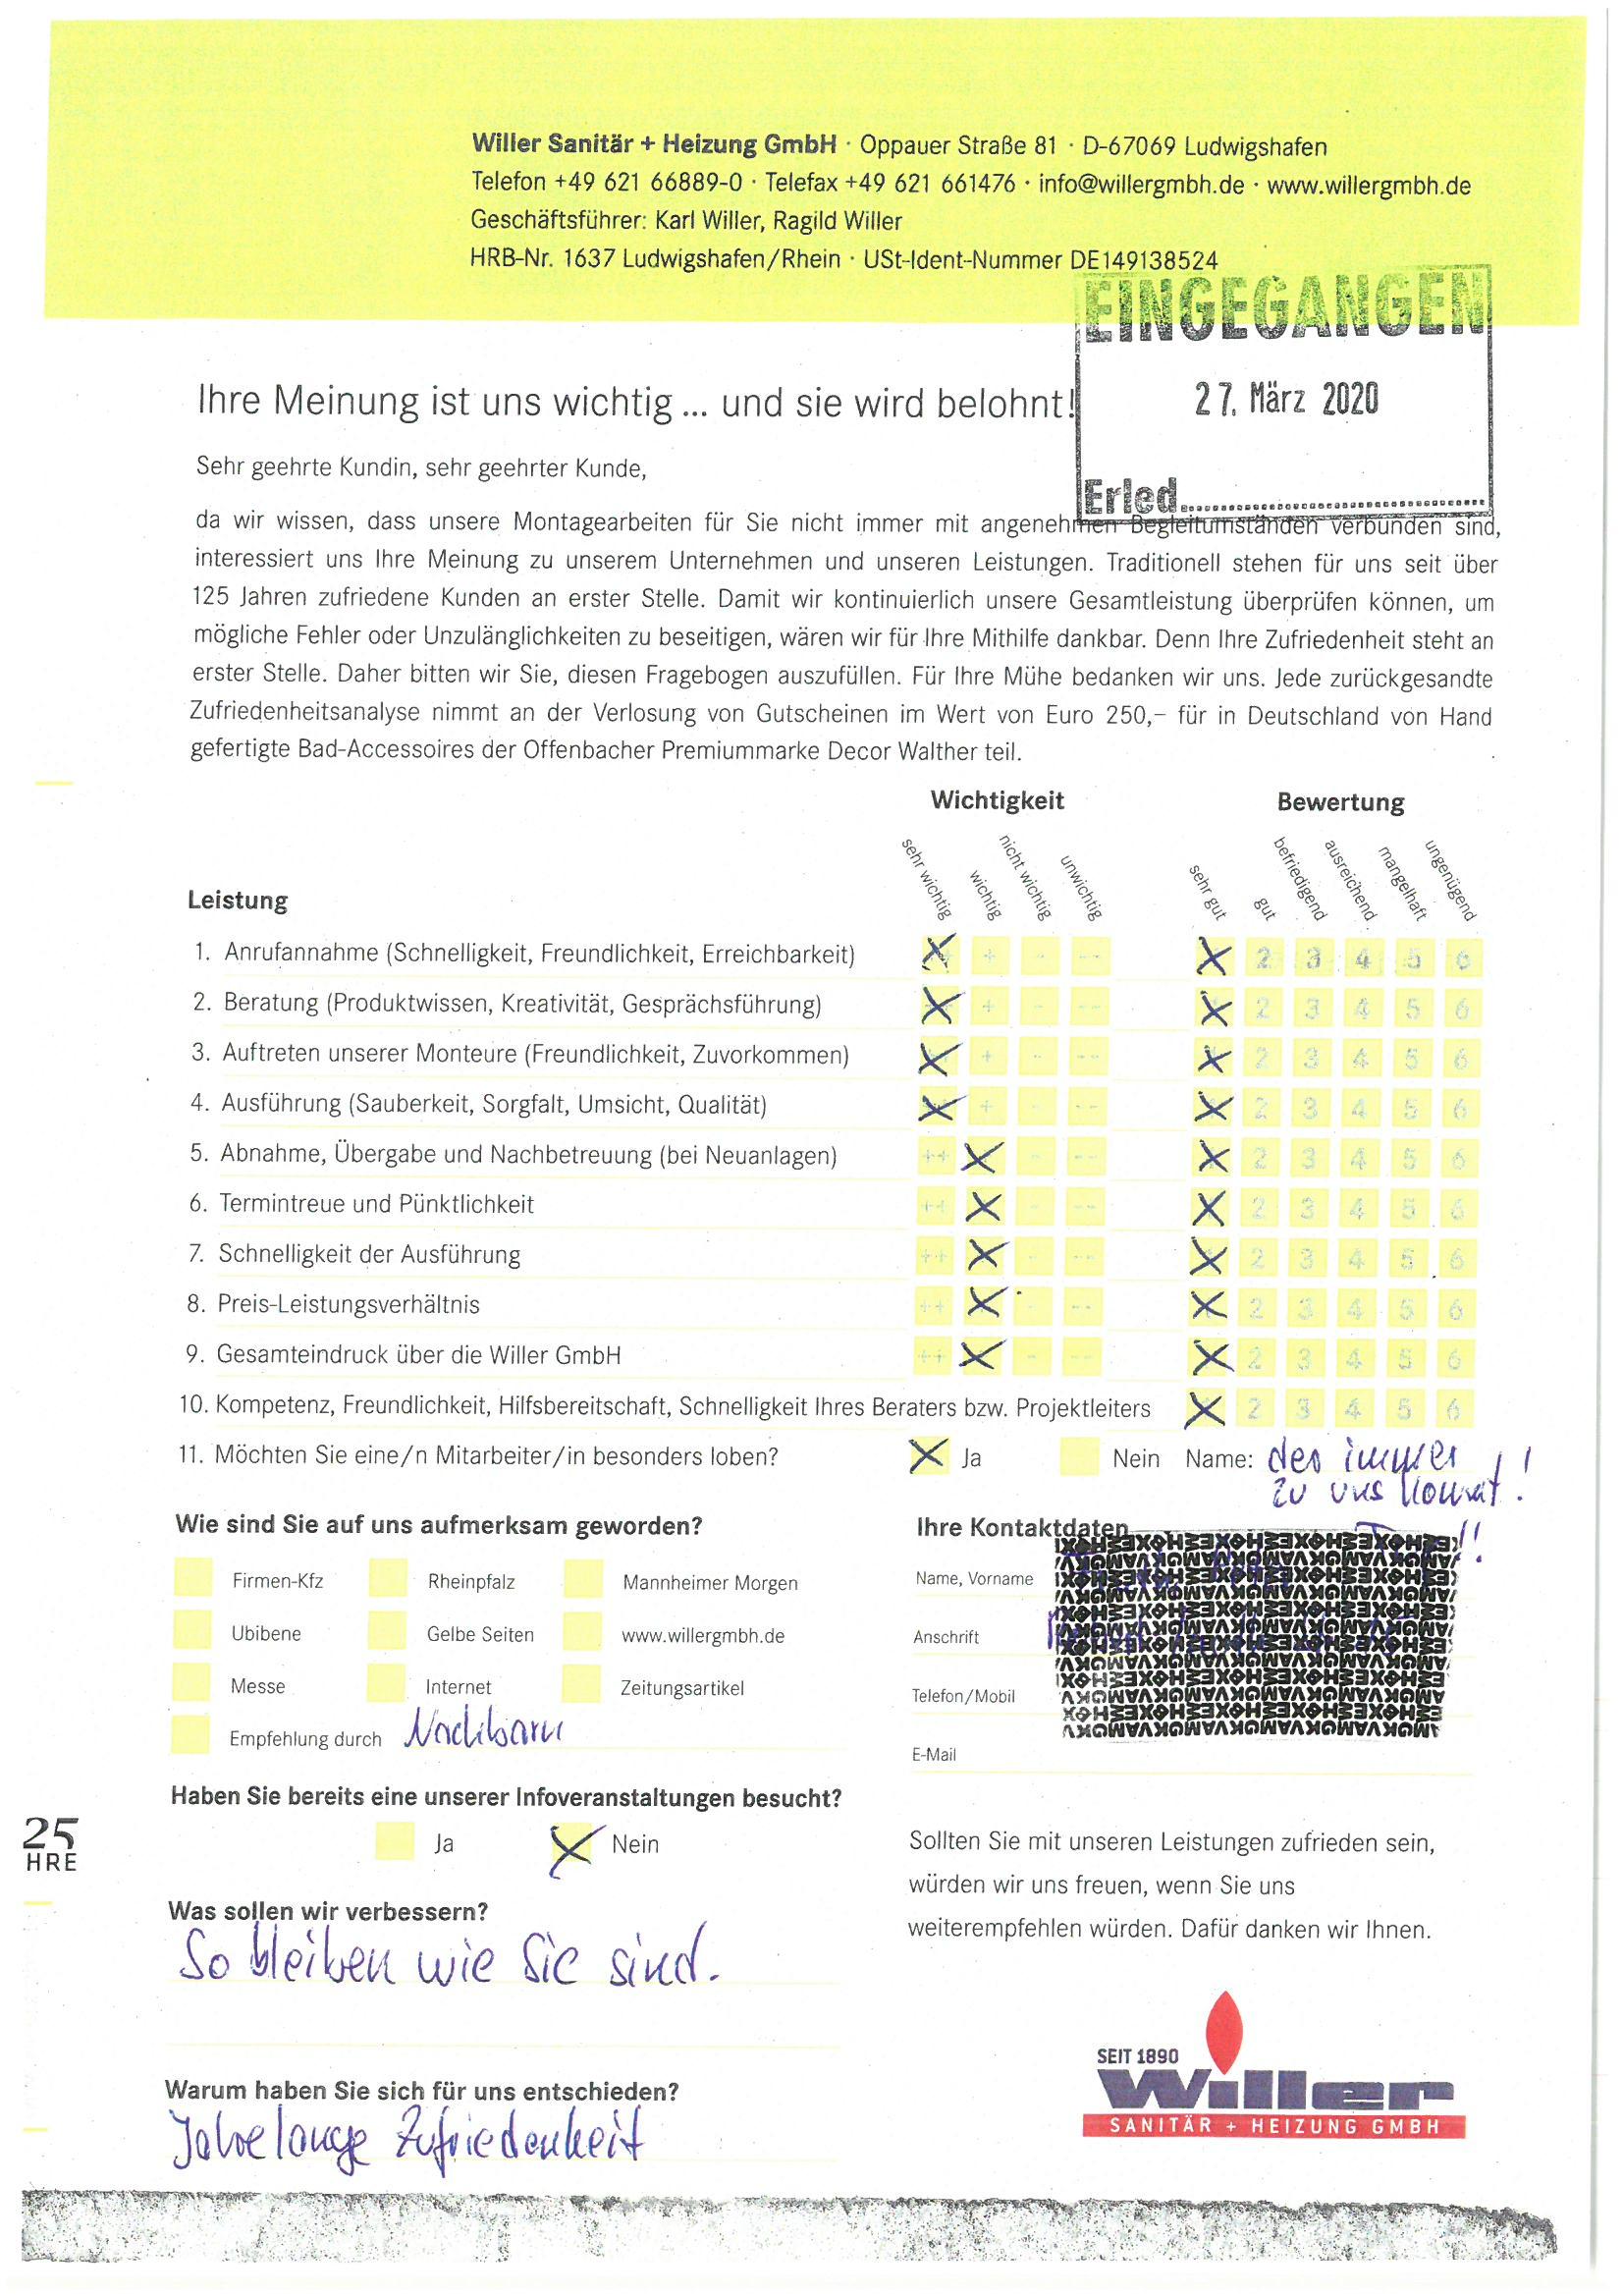 Bewertungen_Willer_Ludwigshafen_2020_ (121)